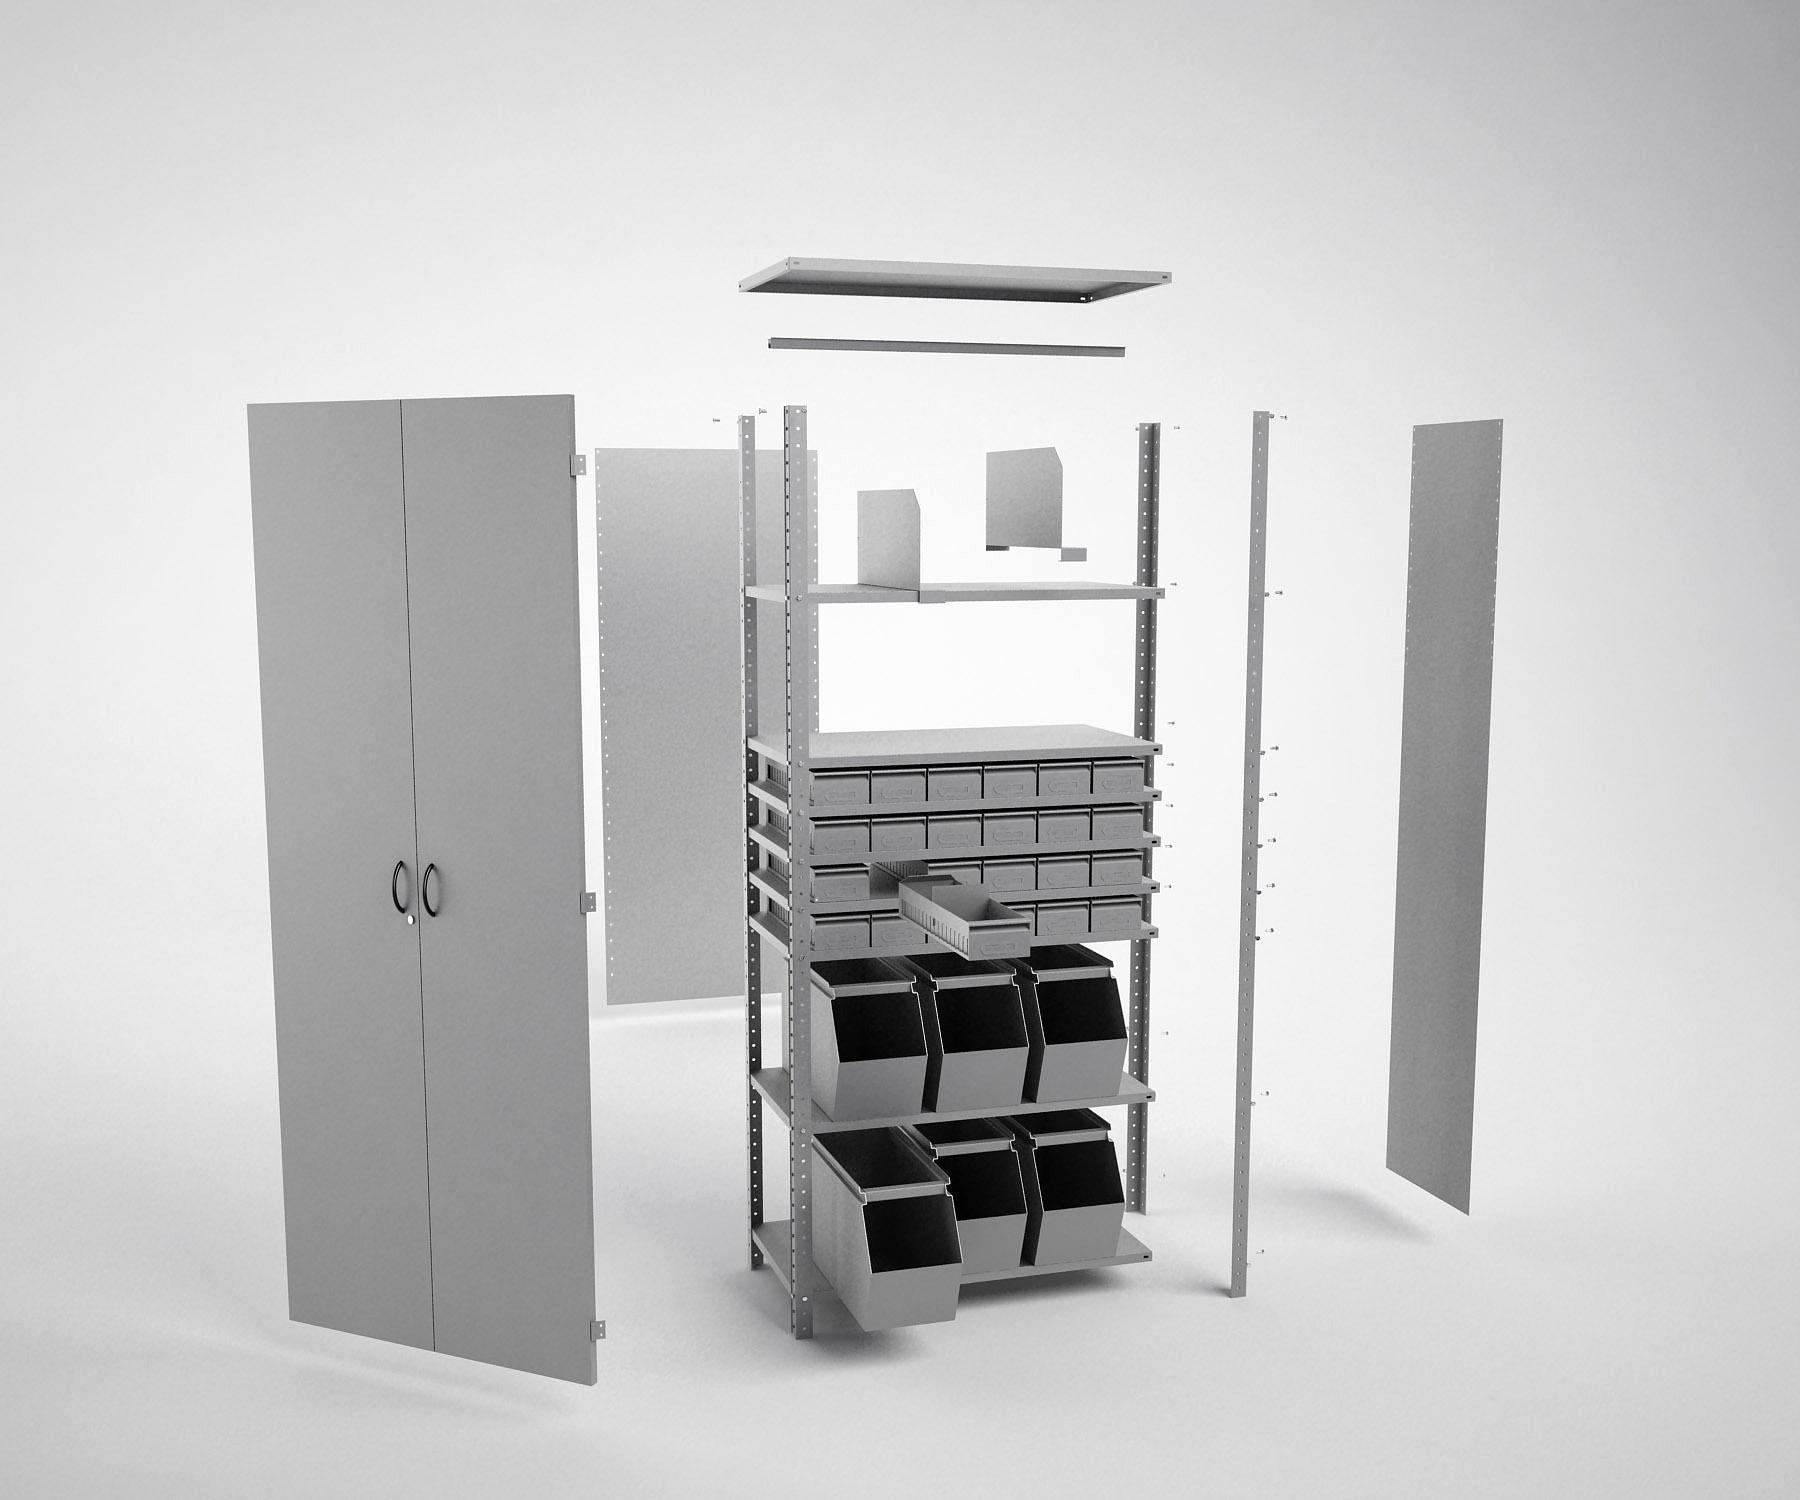 Mobiliario industrial - Temas mobiliario ...